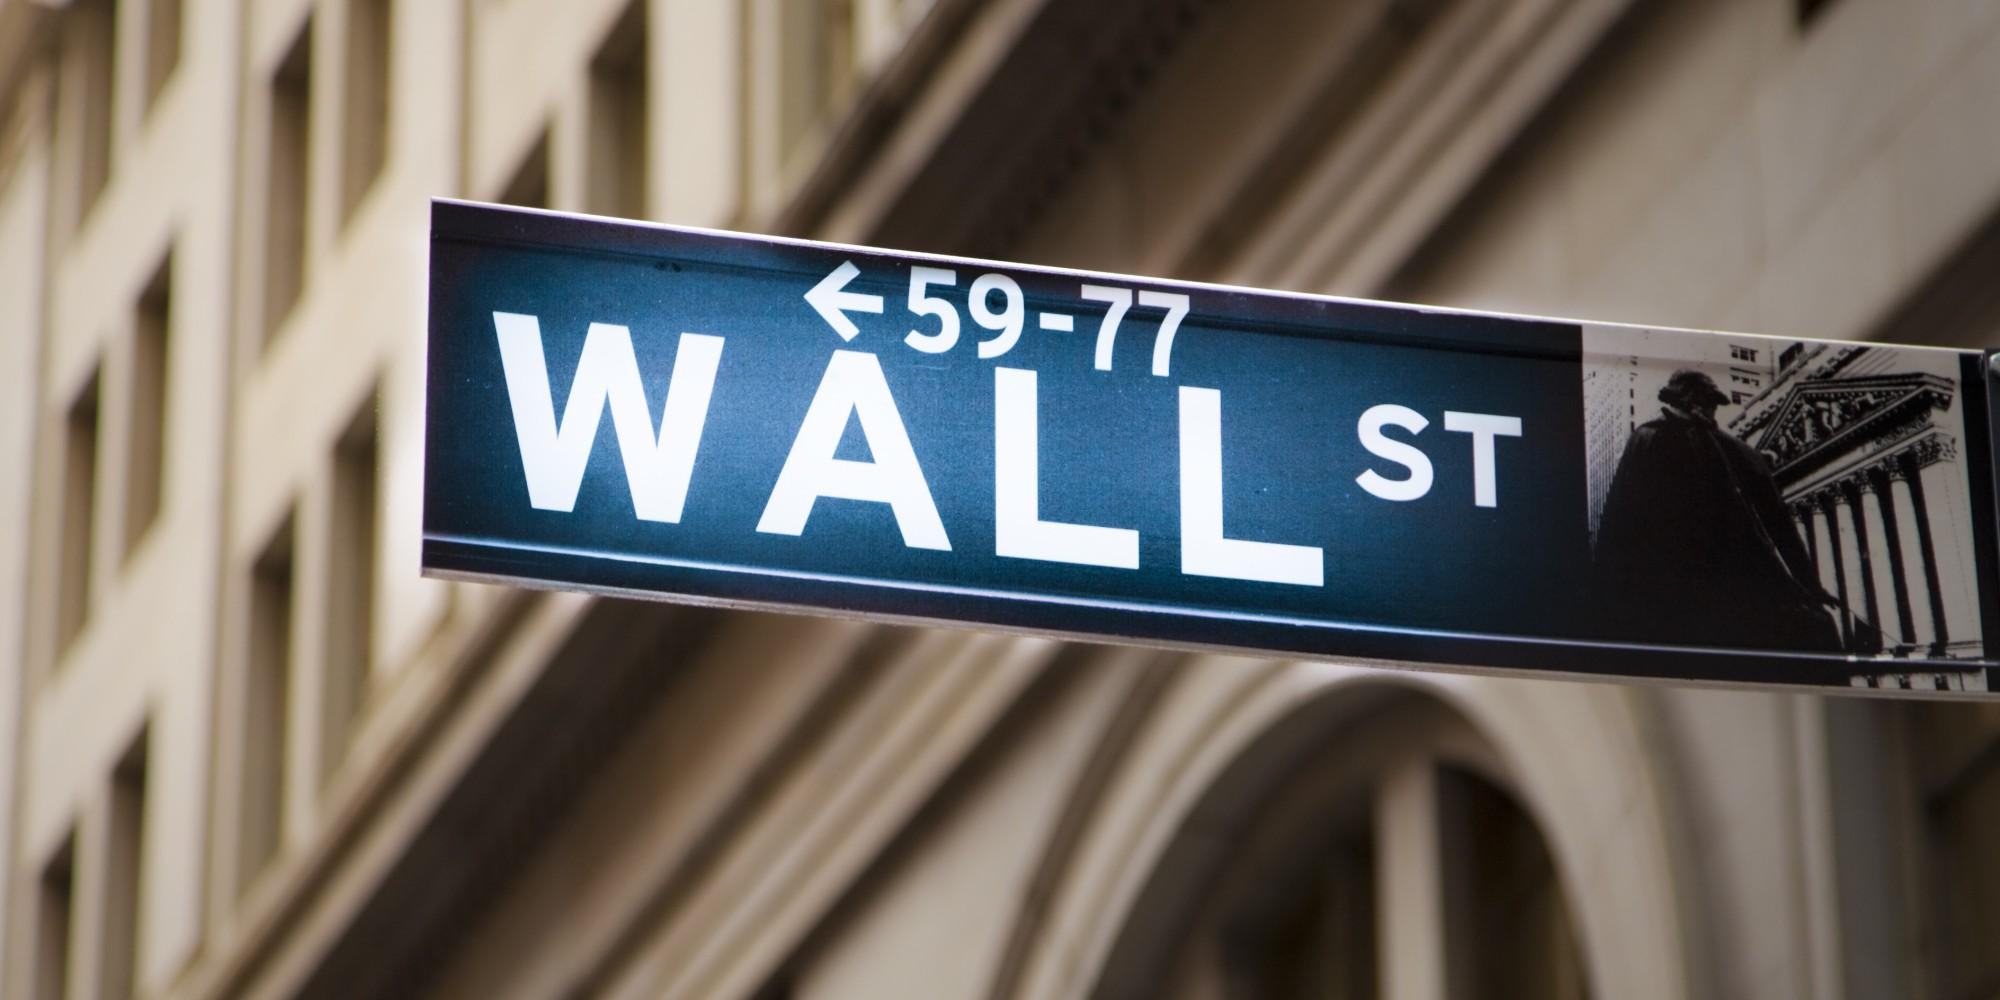 Wall Street calendario 2019-2020: chiusure per festività e orari borsa Usa